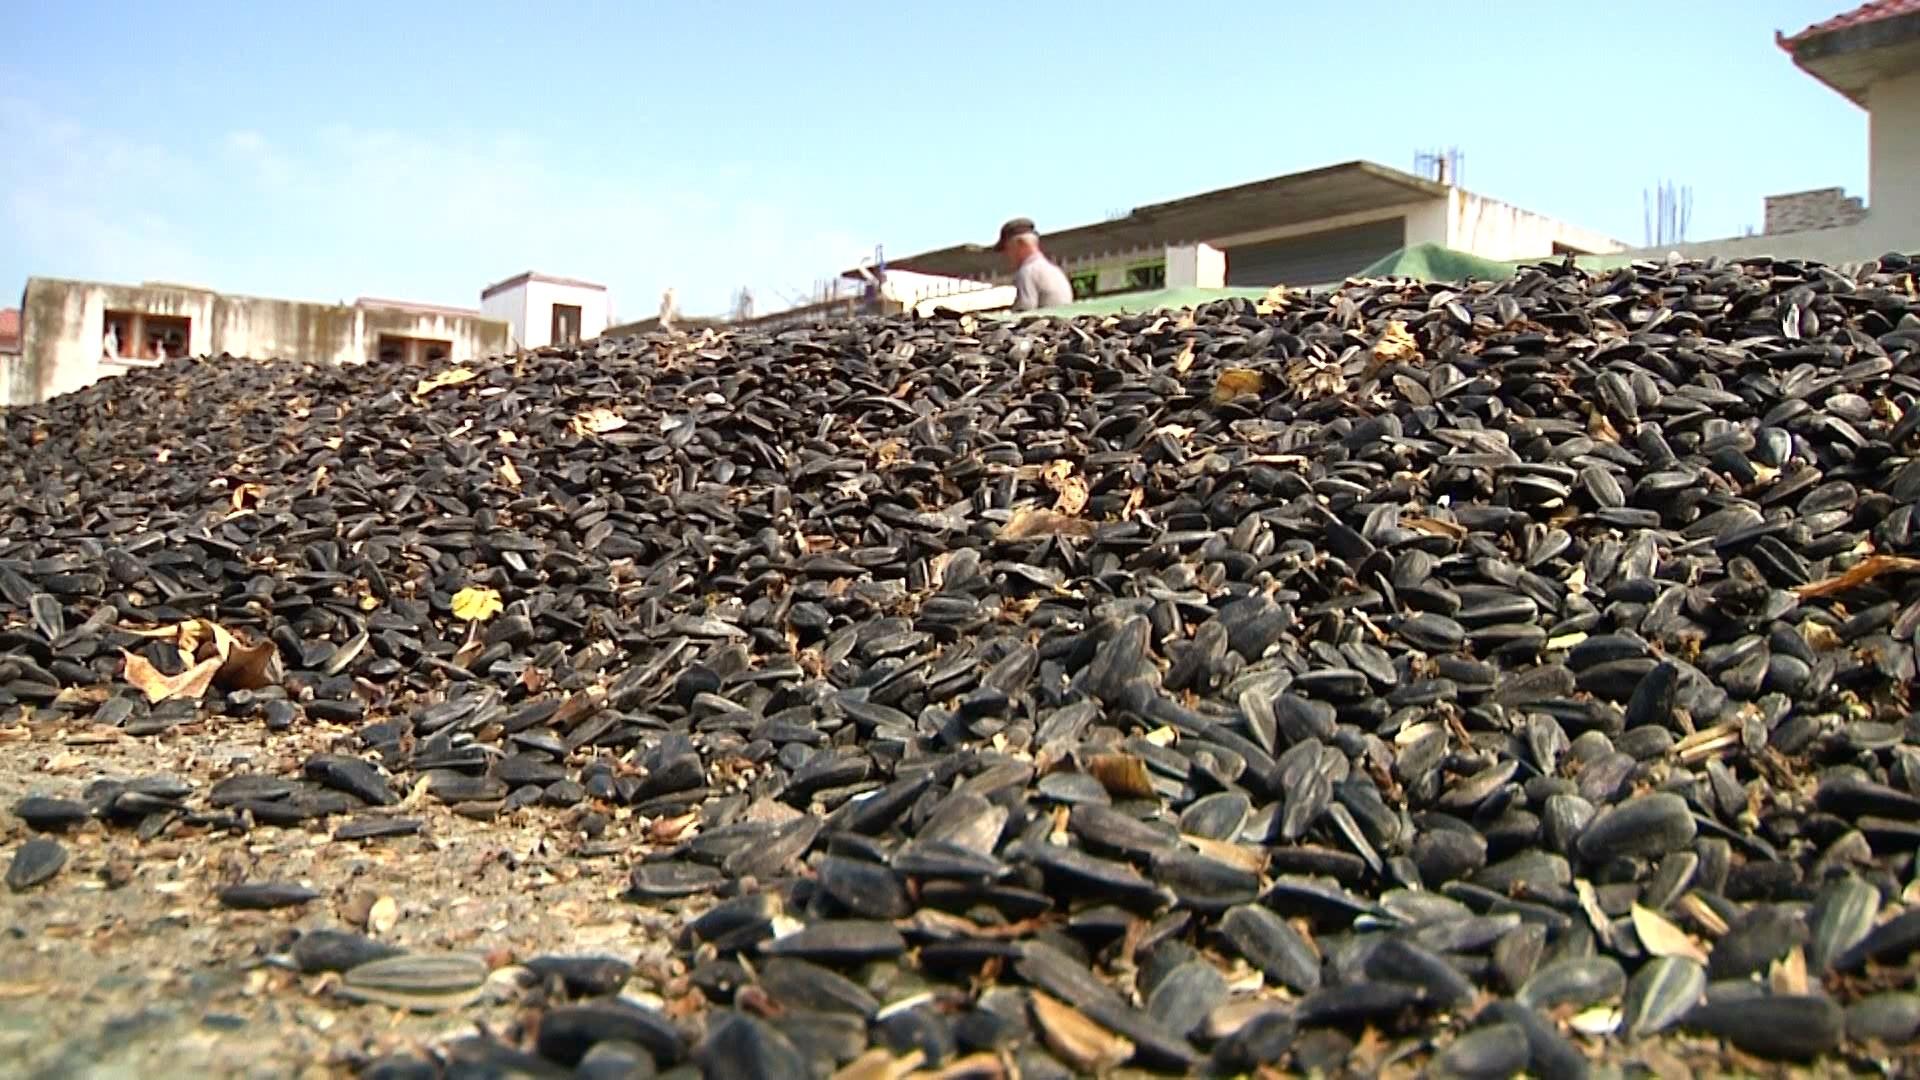 Një mijë ton fara luledielli prodhohen vetëm në Tërbuf, asnjë kgpër industri